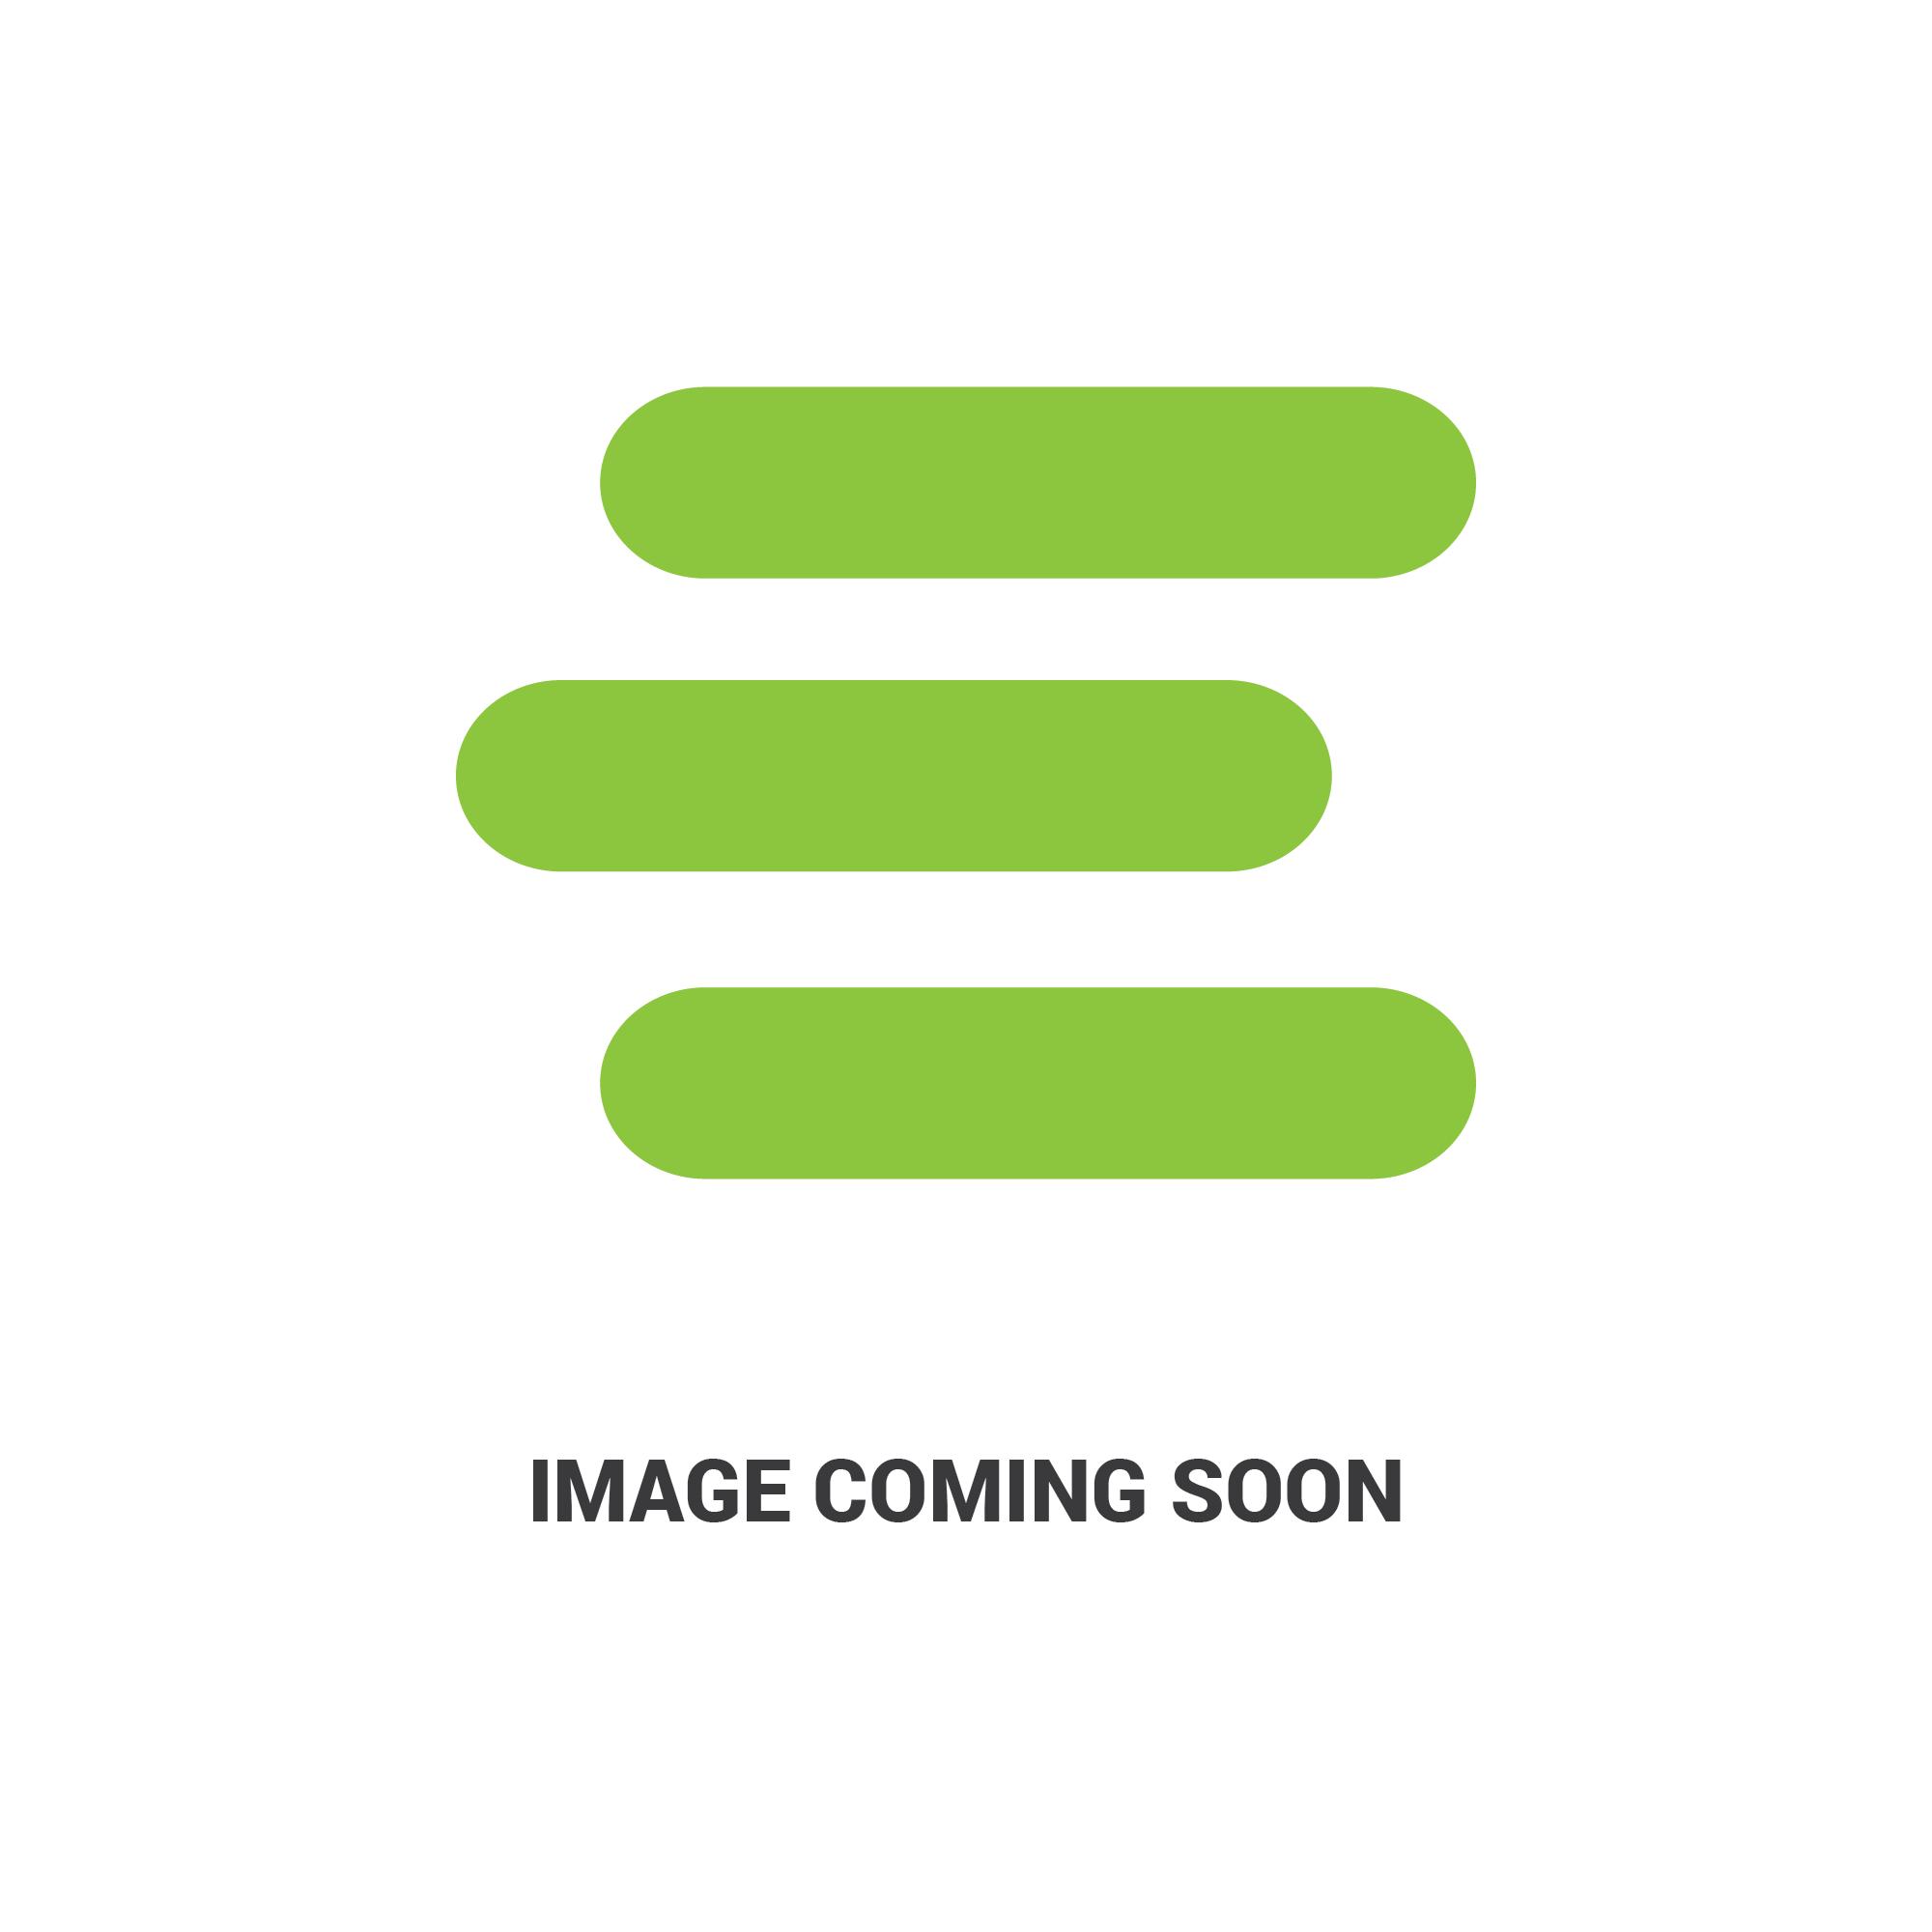 E-AL784352068_1.jpg